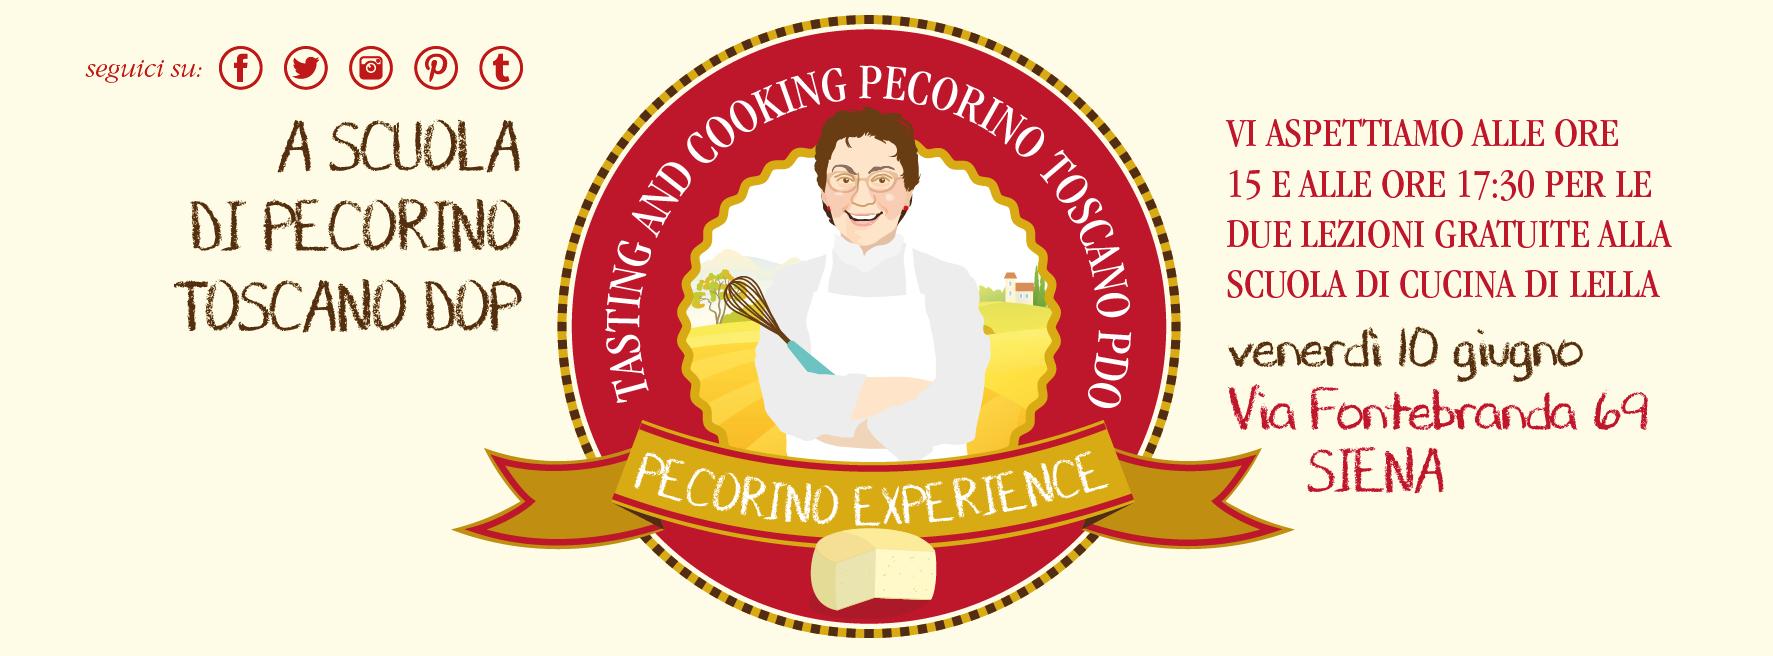 A scuola di Pecorino Toscano DOP - Scuola di Cucina di Lella - venerdì 10 giugno